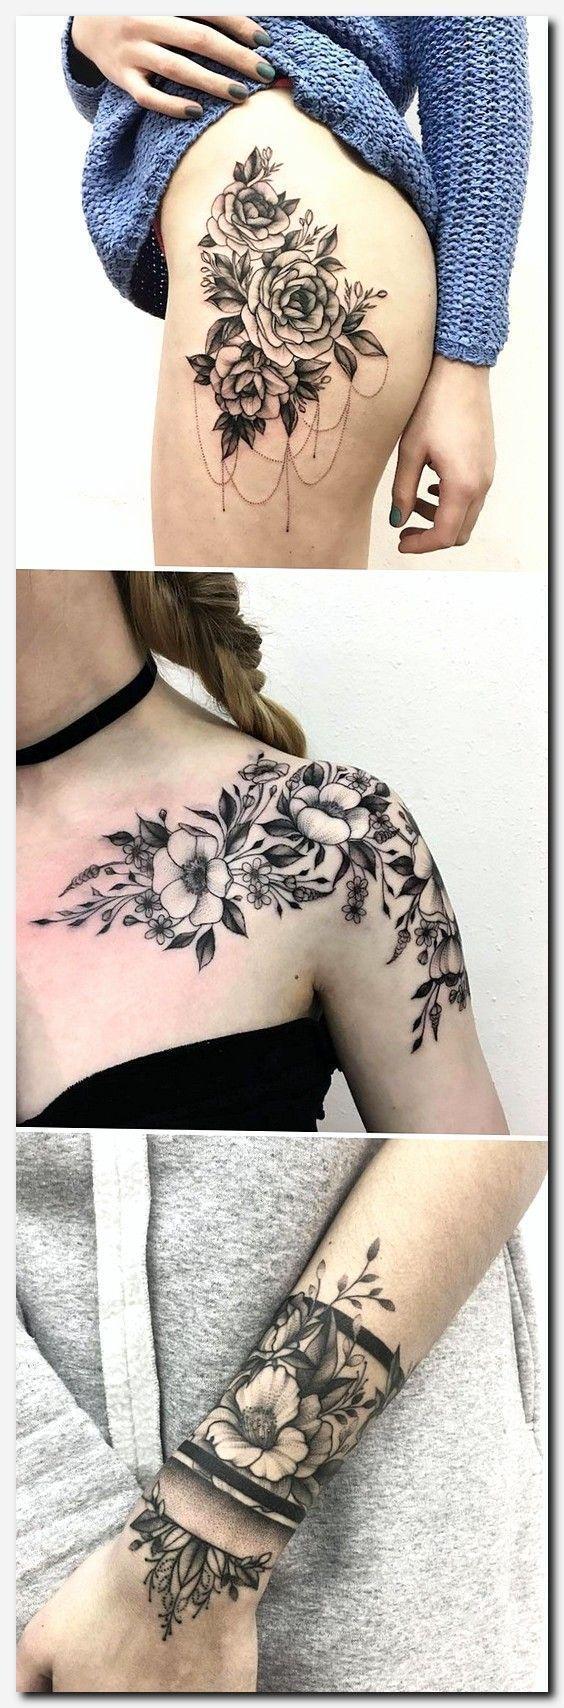 Tattooart tattoo rose hip and thigh tattoo unusual tattoos female